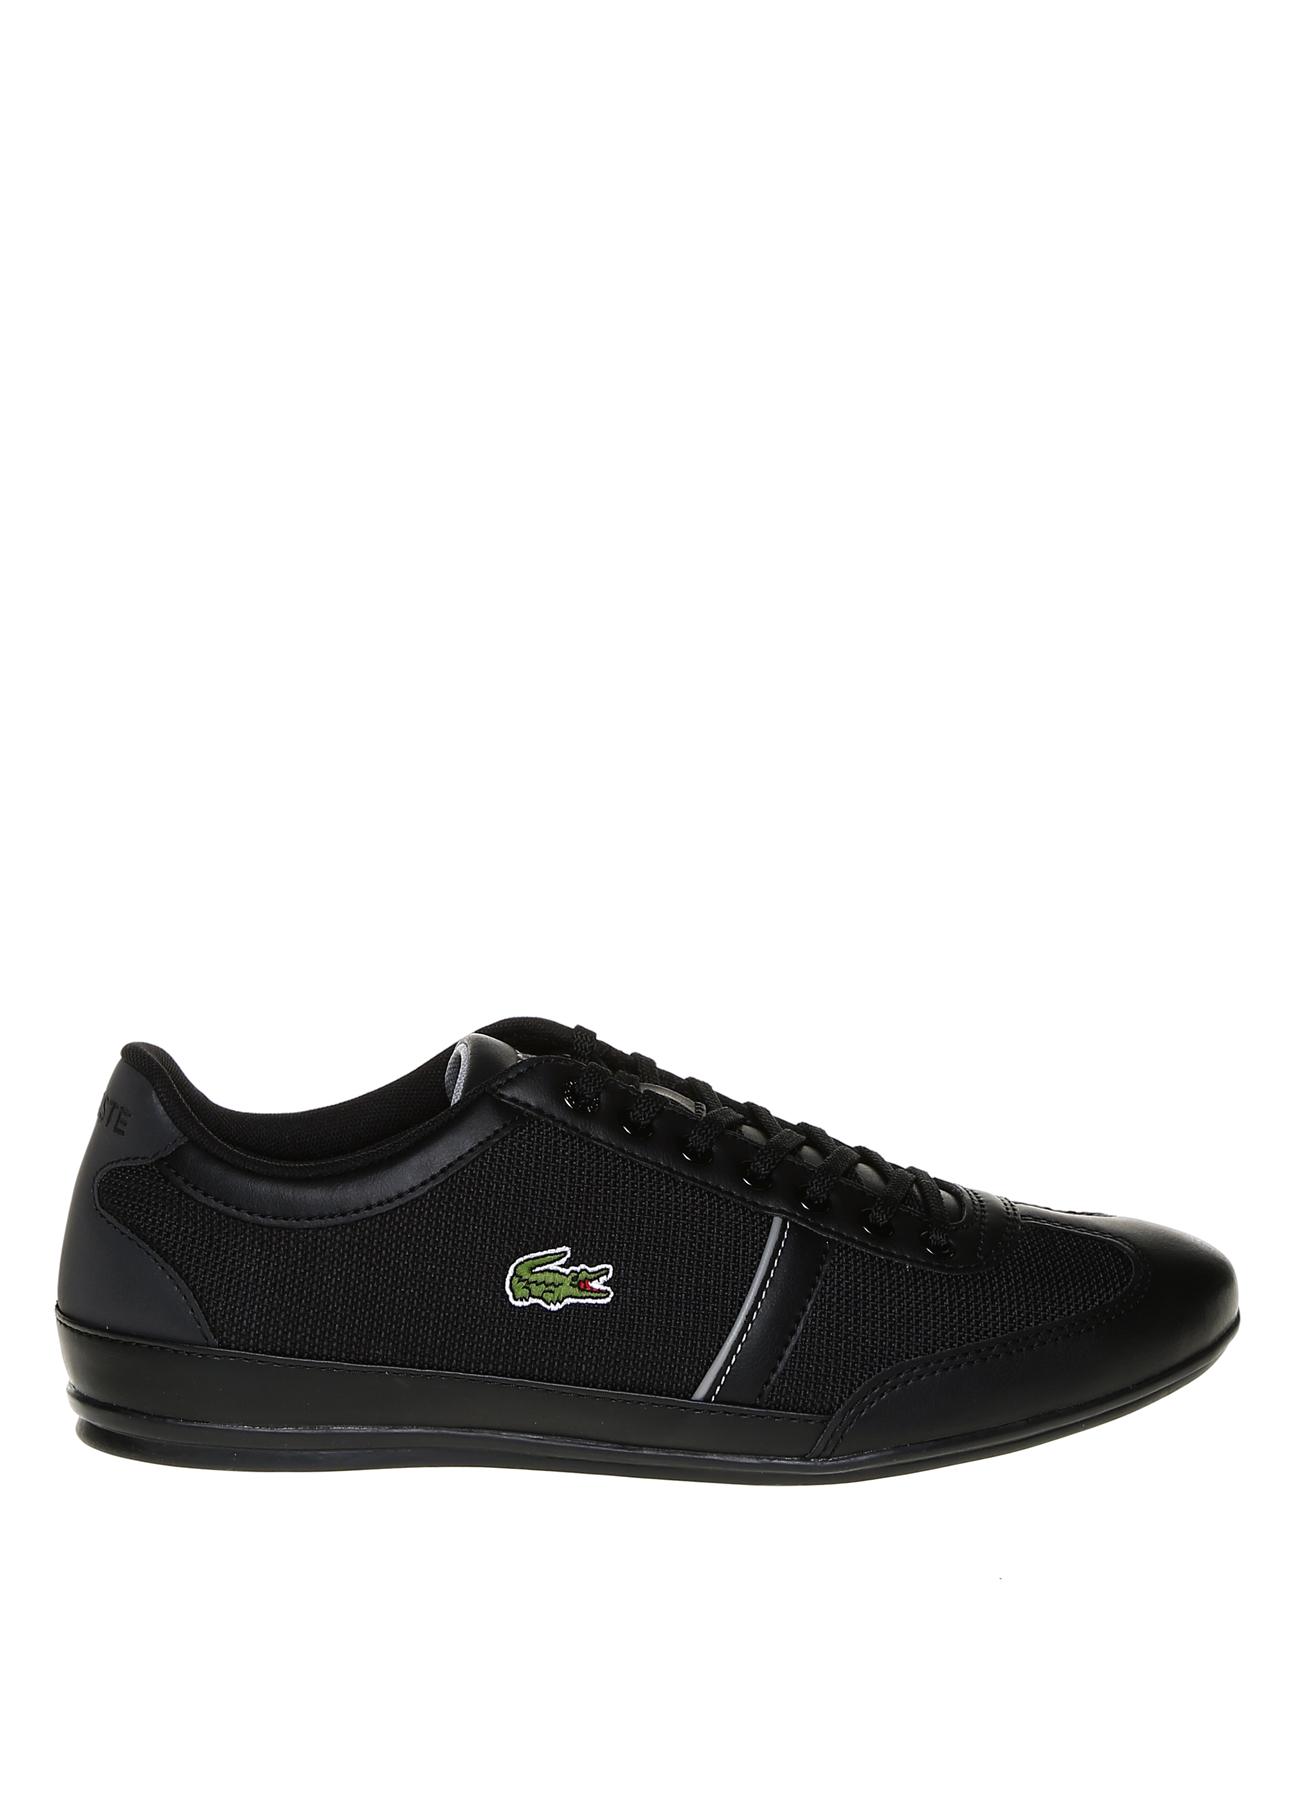 Lacoste Bağcıklı Siyah Lifestyle Ayakkabı 41 5002314244003 Ürün Resmi